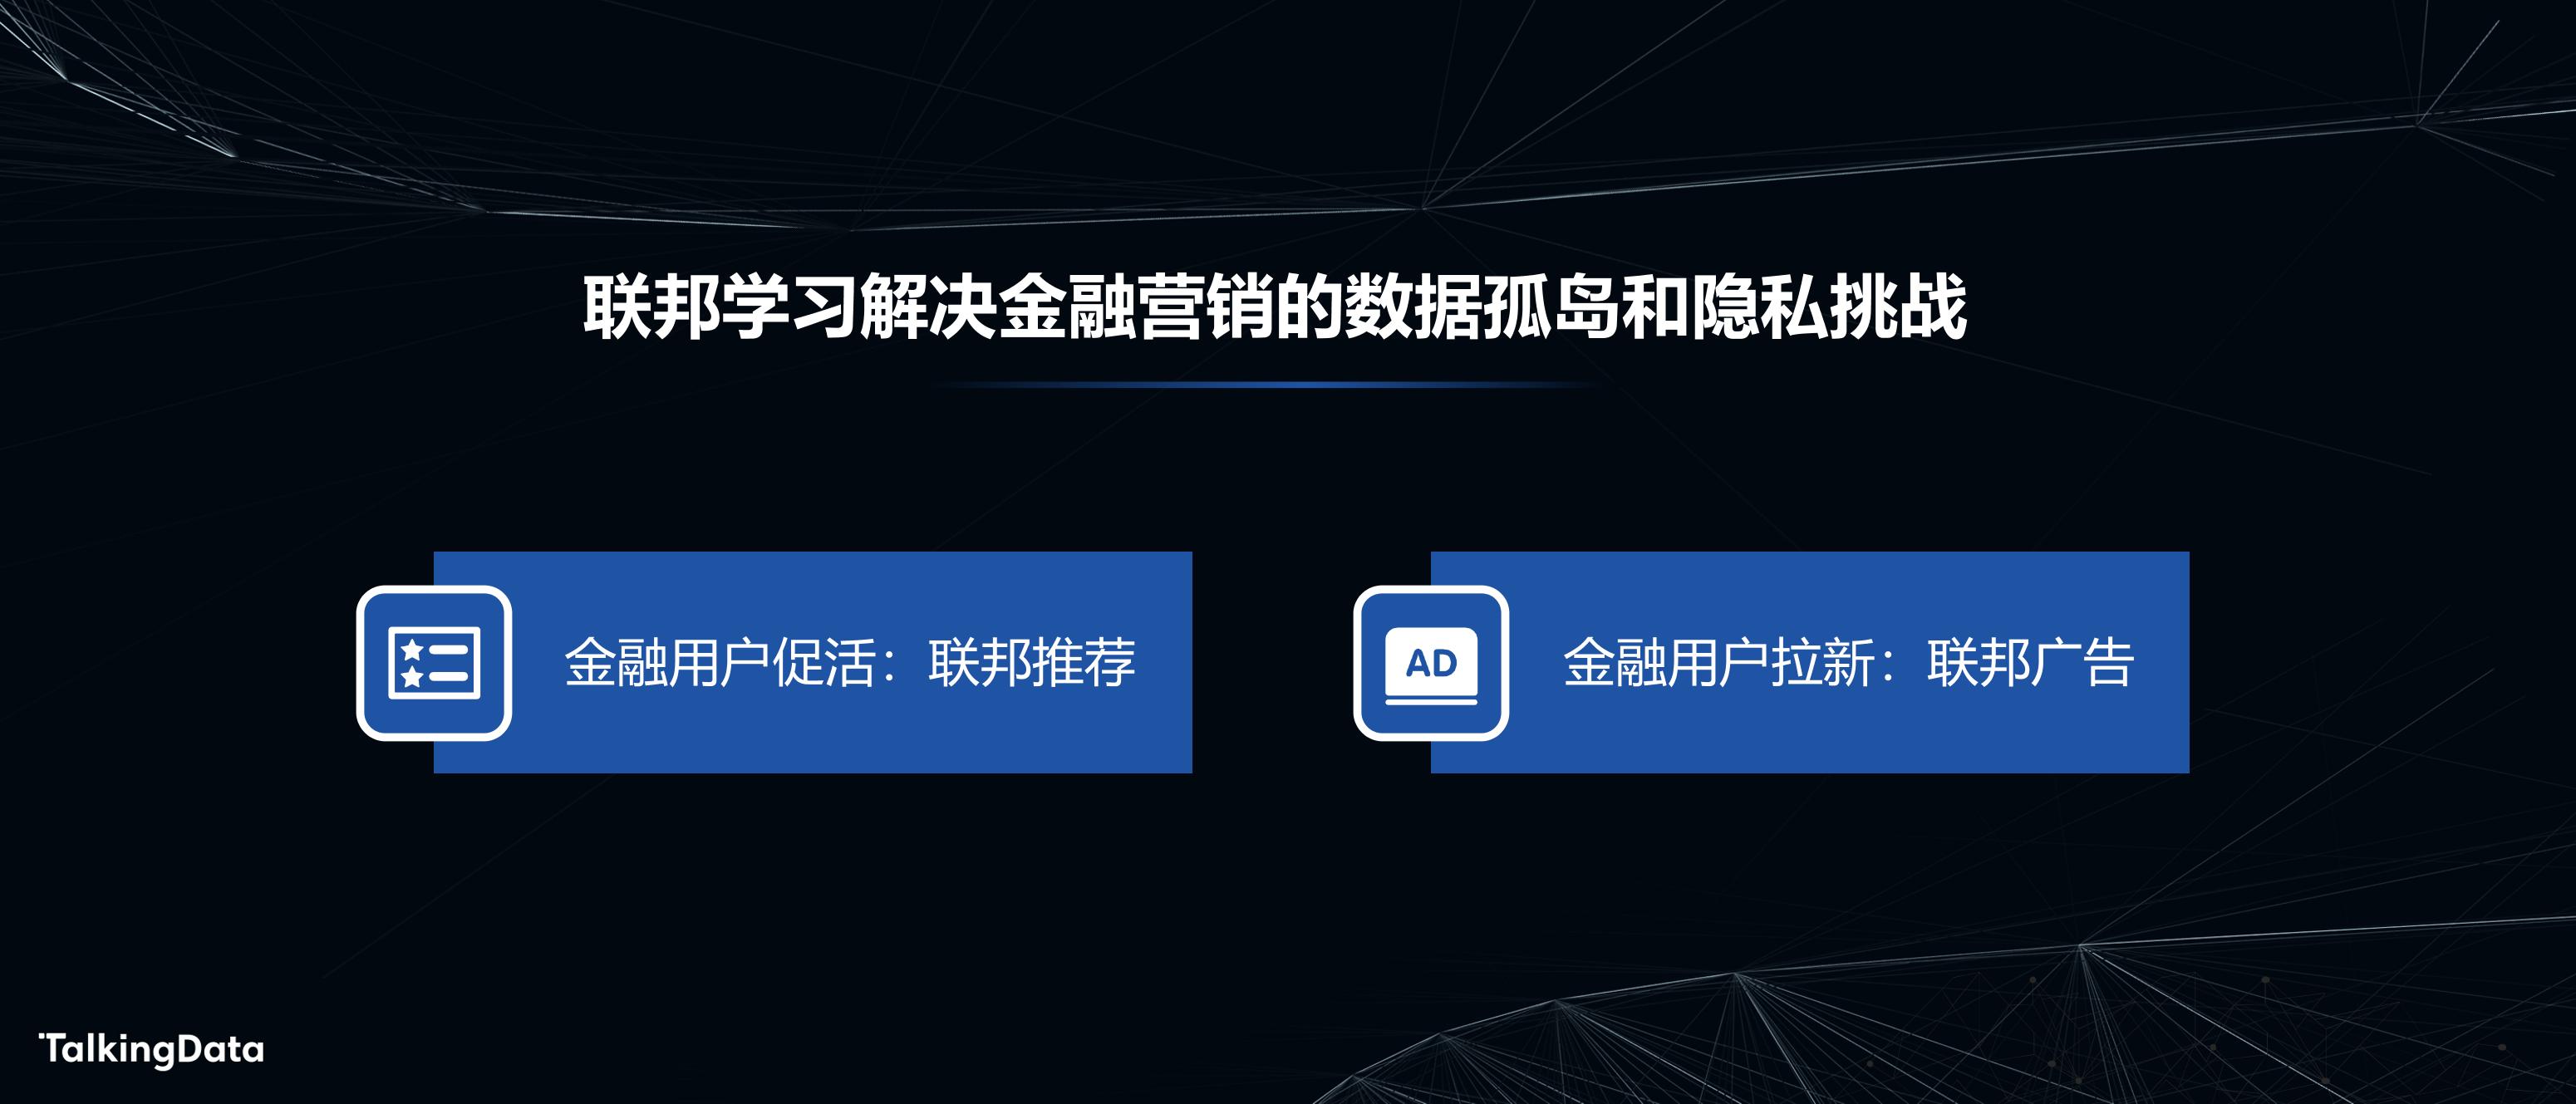 人工智能助力新金融_1575614935172-5